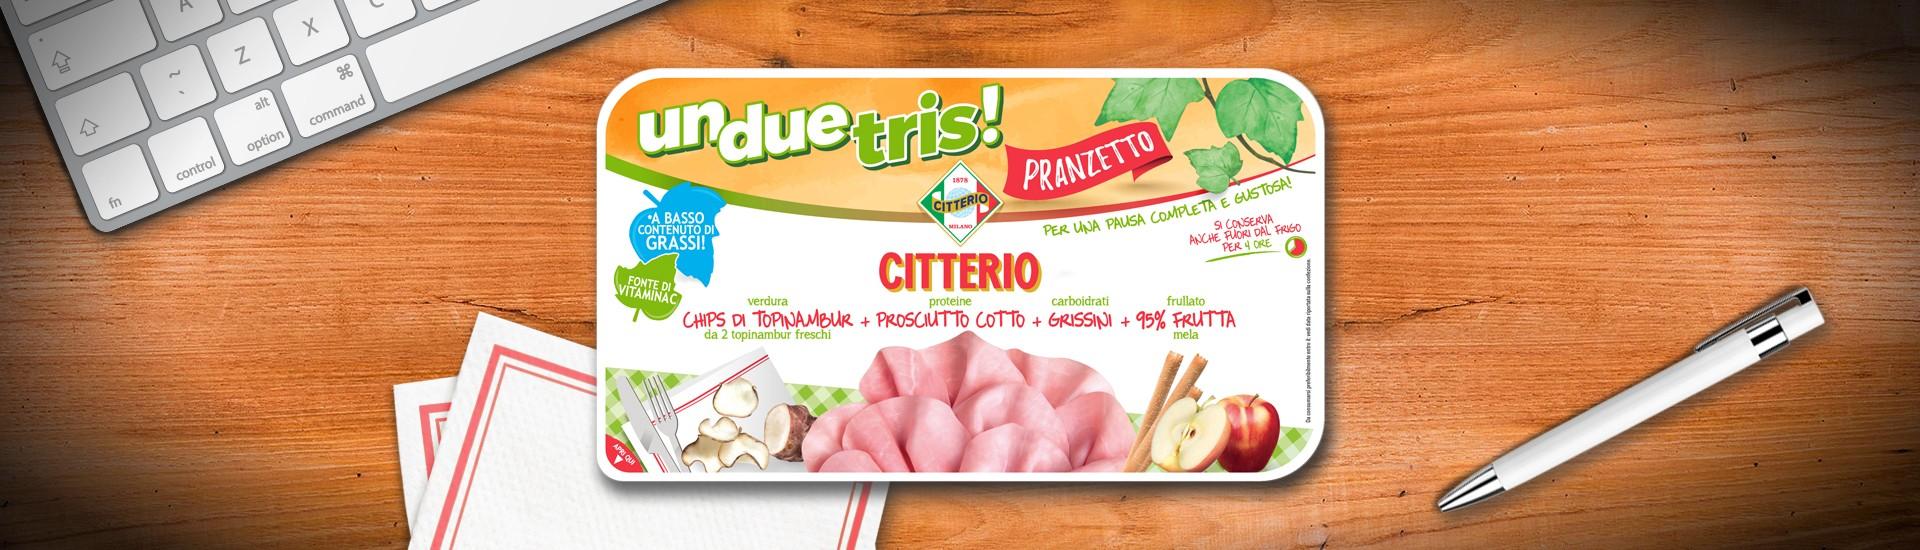 cover-prodotto-cotto-1-1.jpg